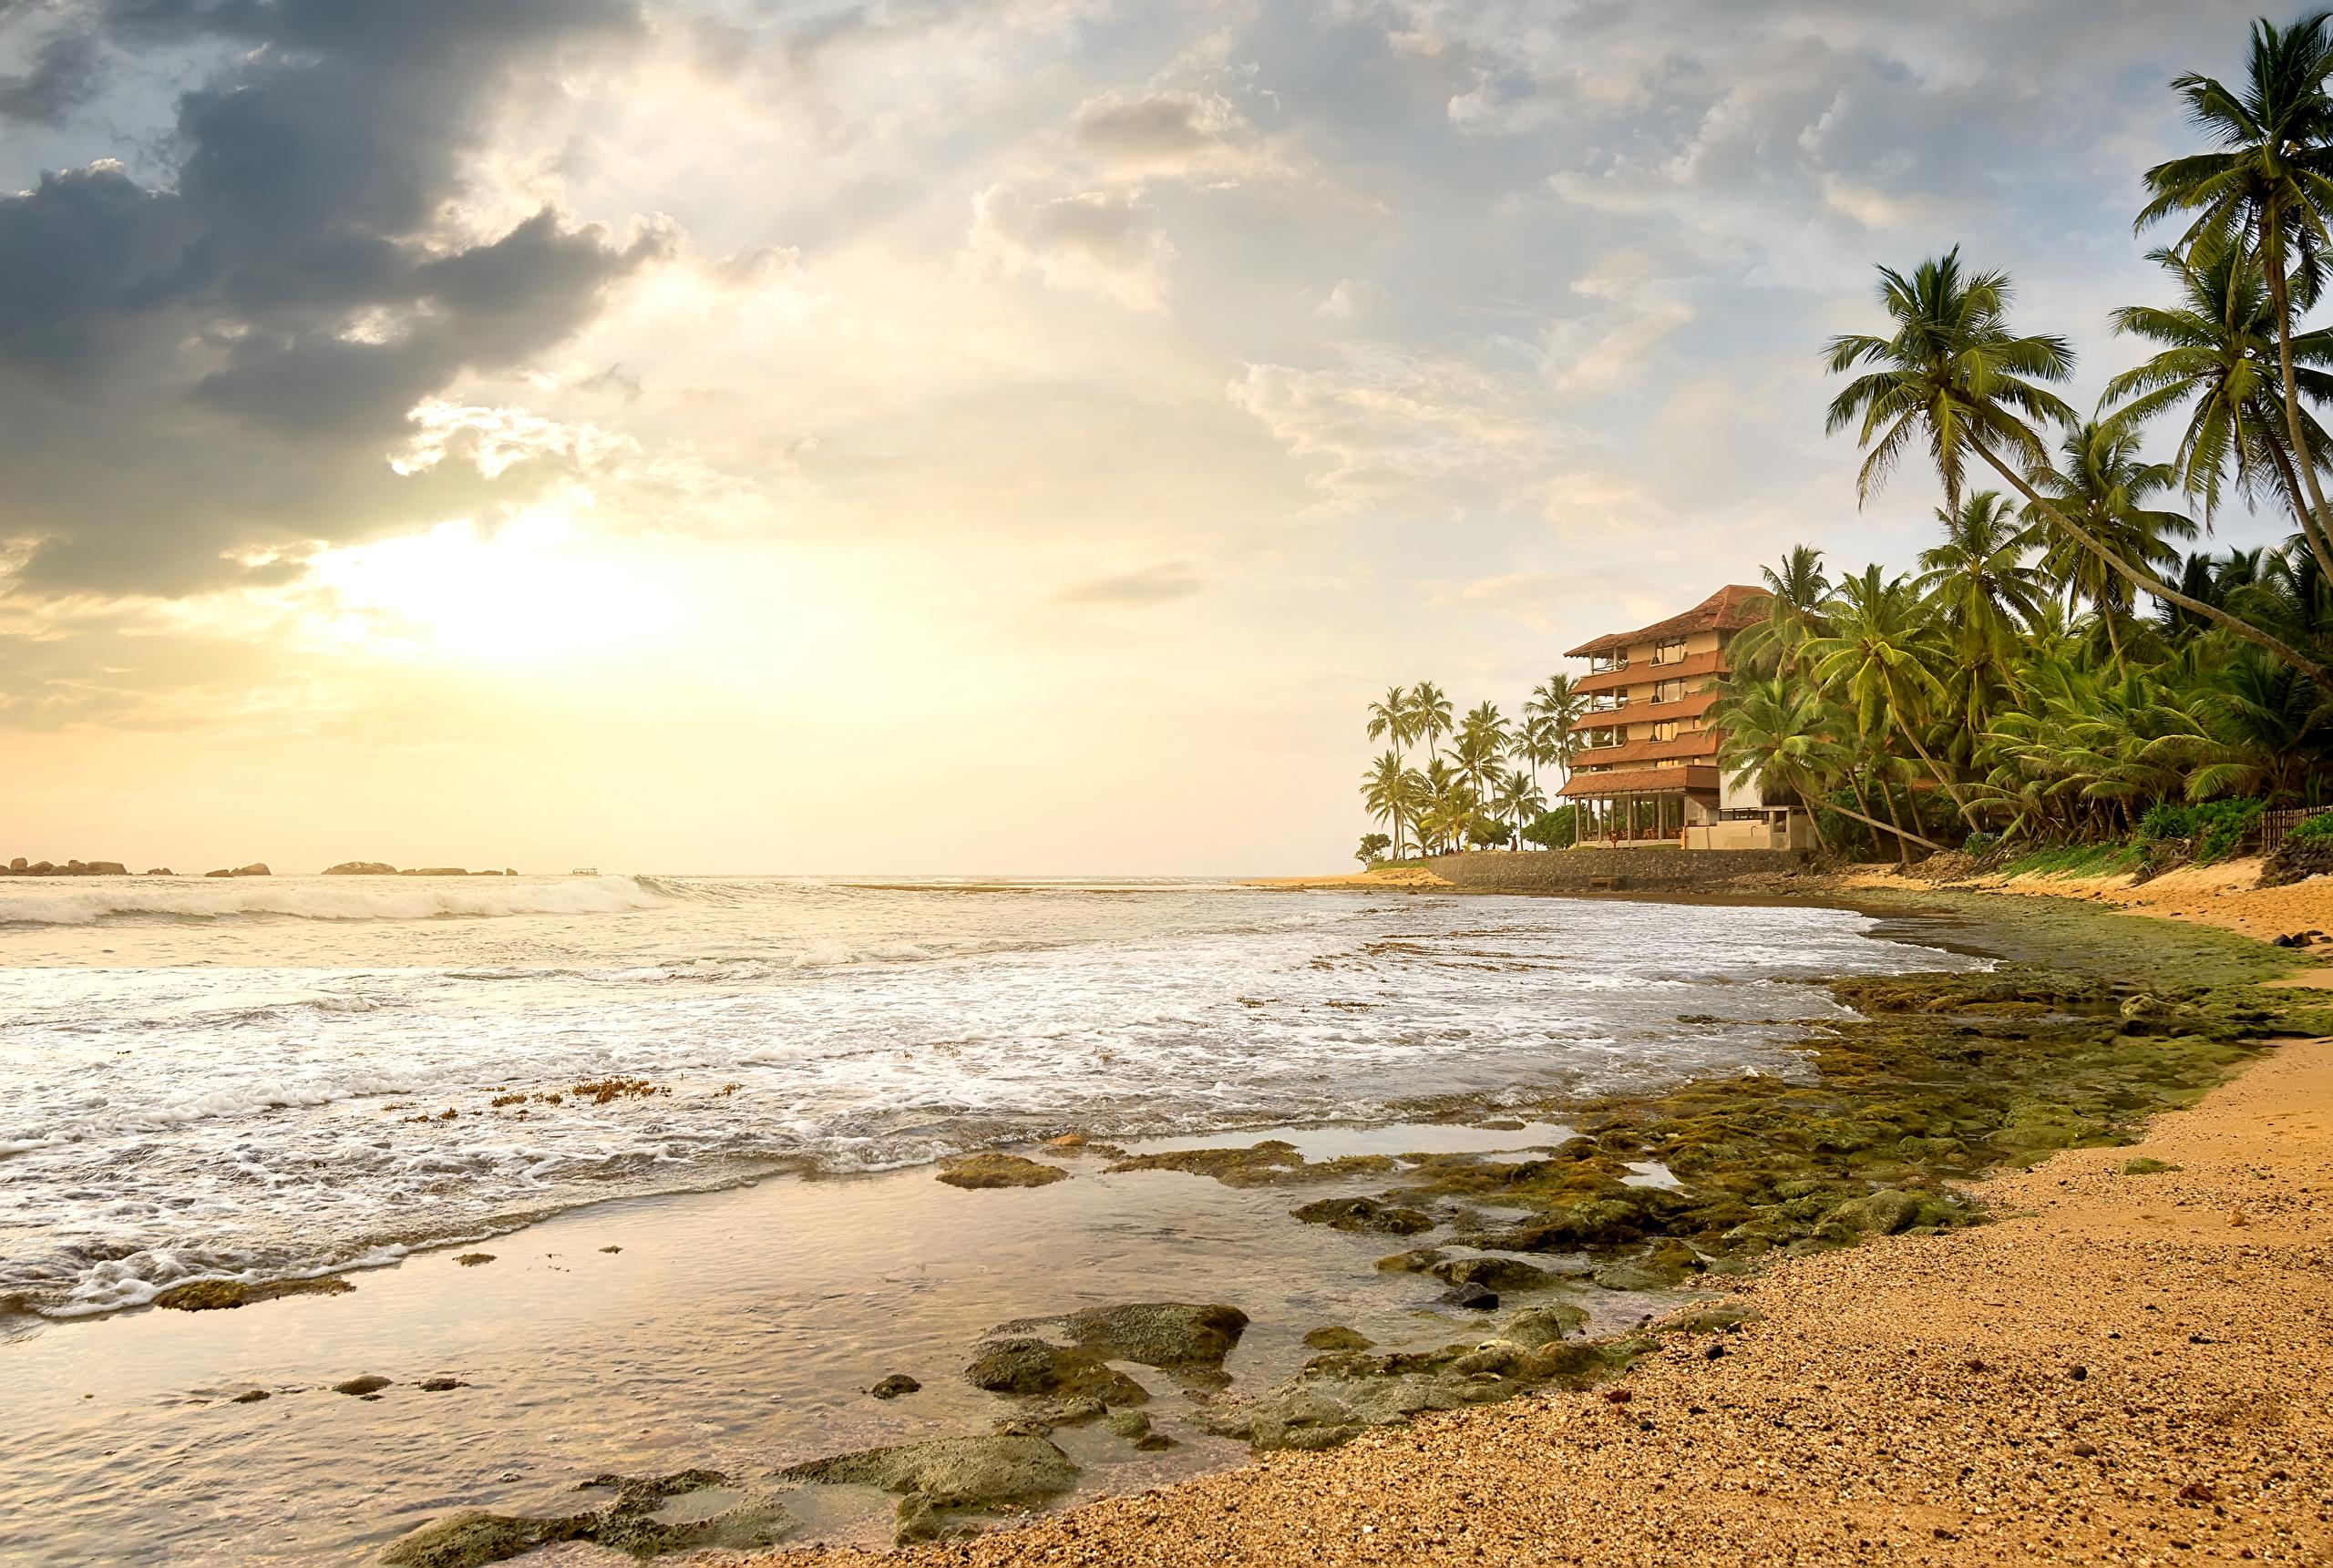 Шри-Ланка Тропики Пейзаж Побережье Небо Море Пальмы Облака берег Природа